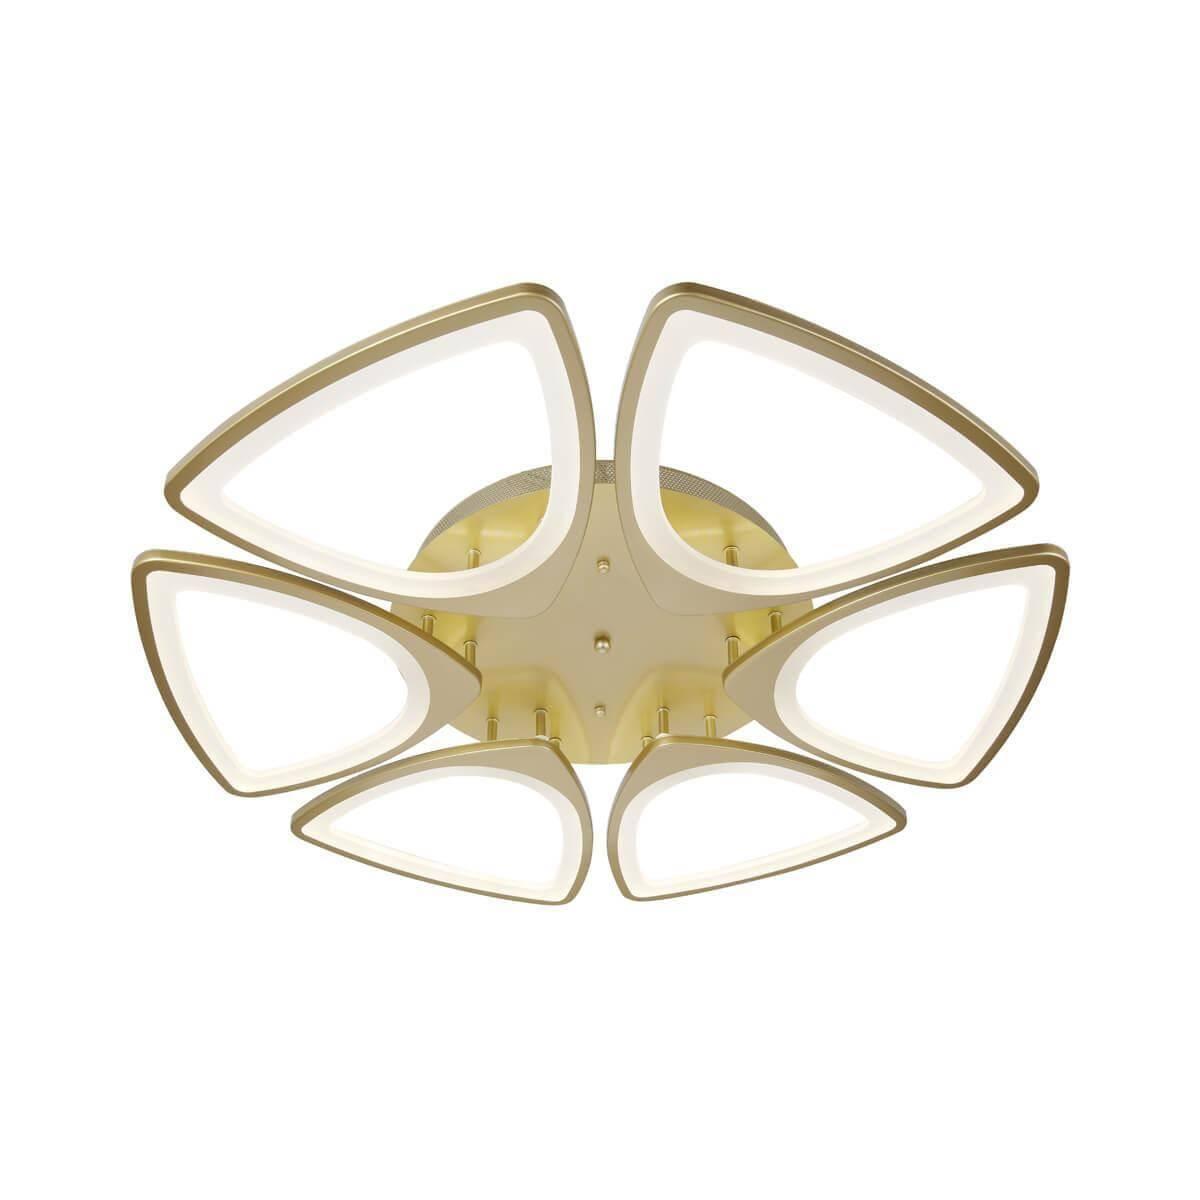 Потолочная светодиодная люстра Stilfort Blower 2078/93/06C